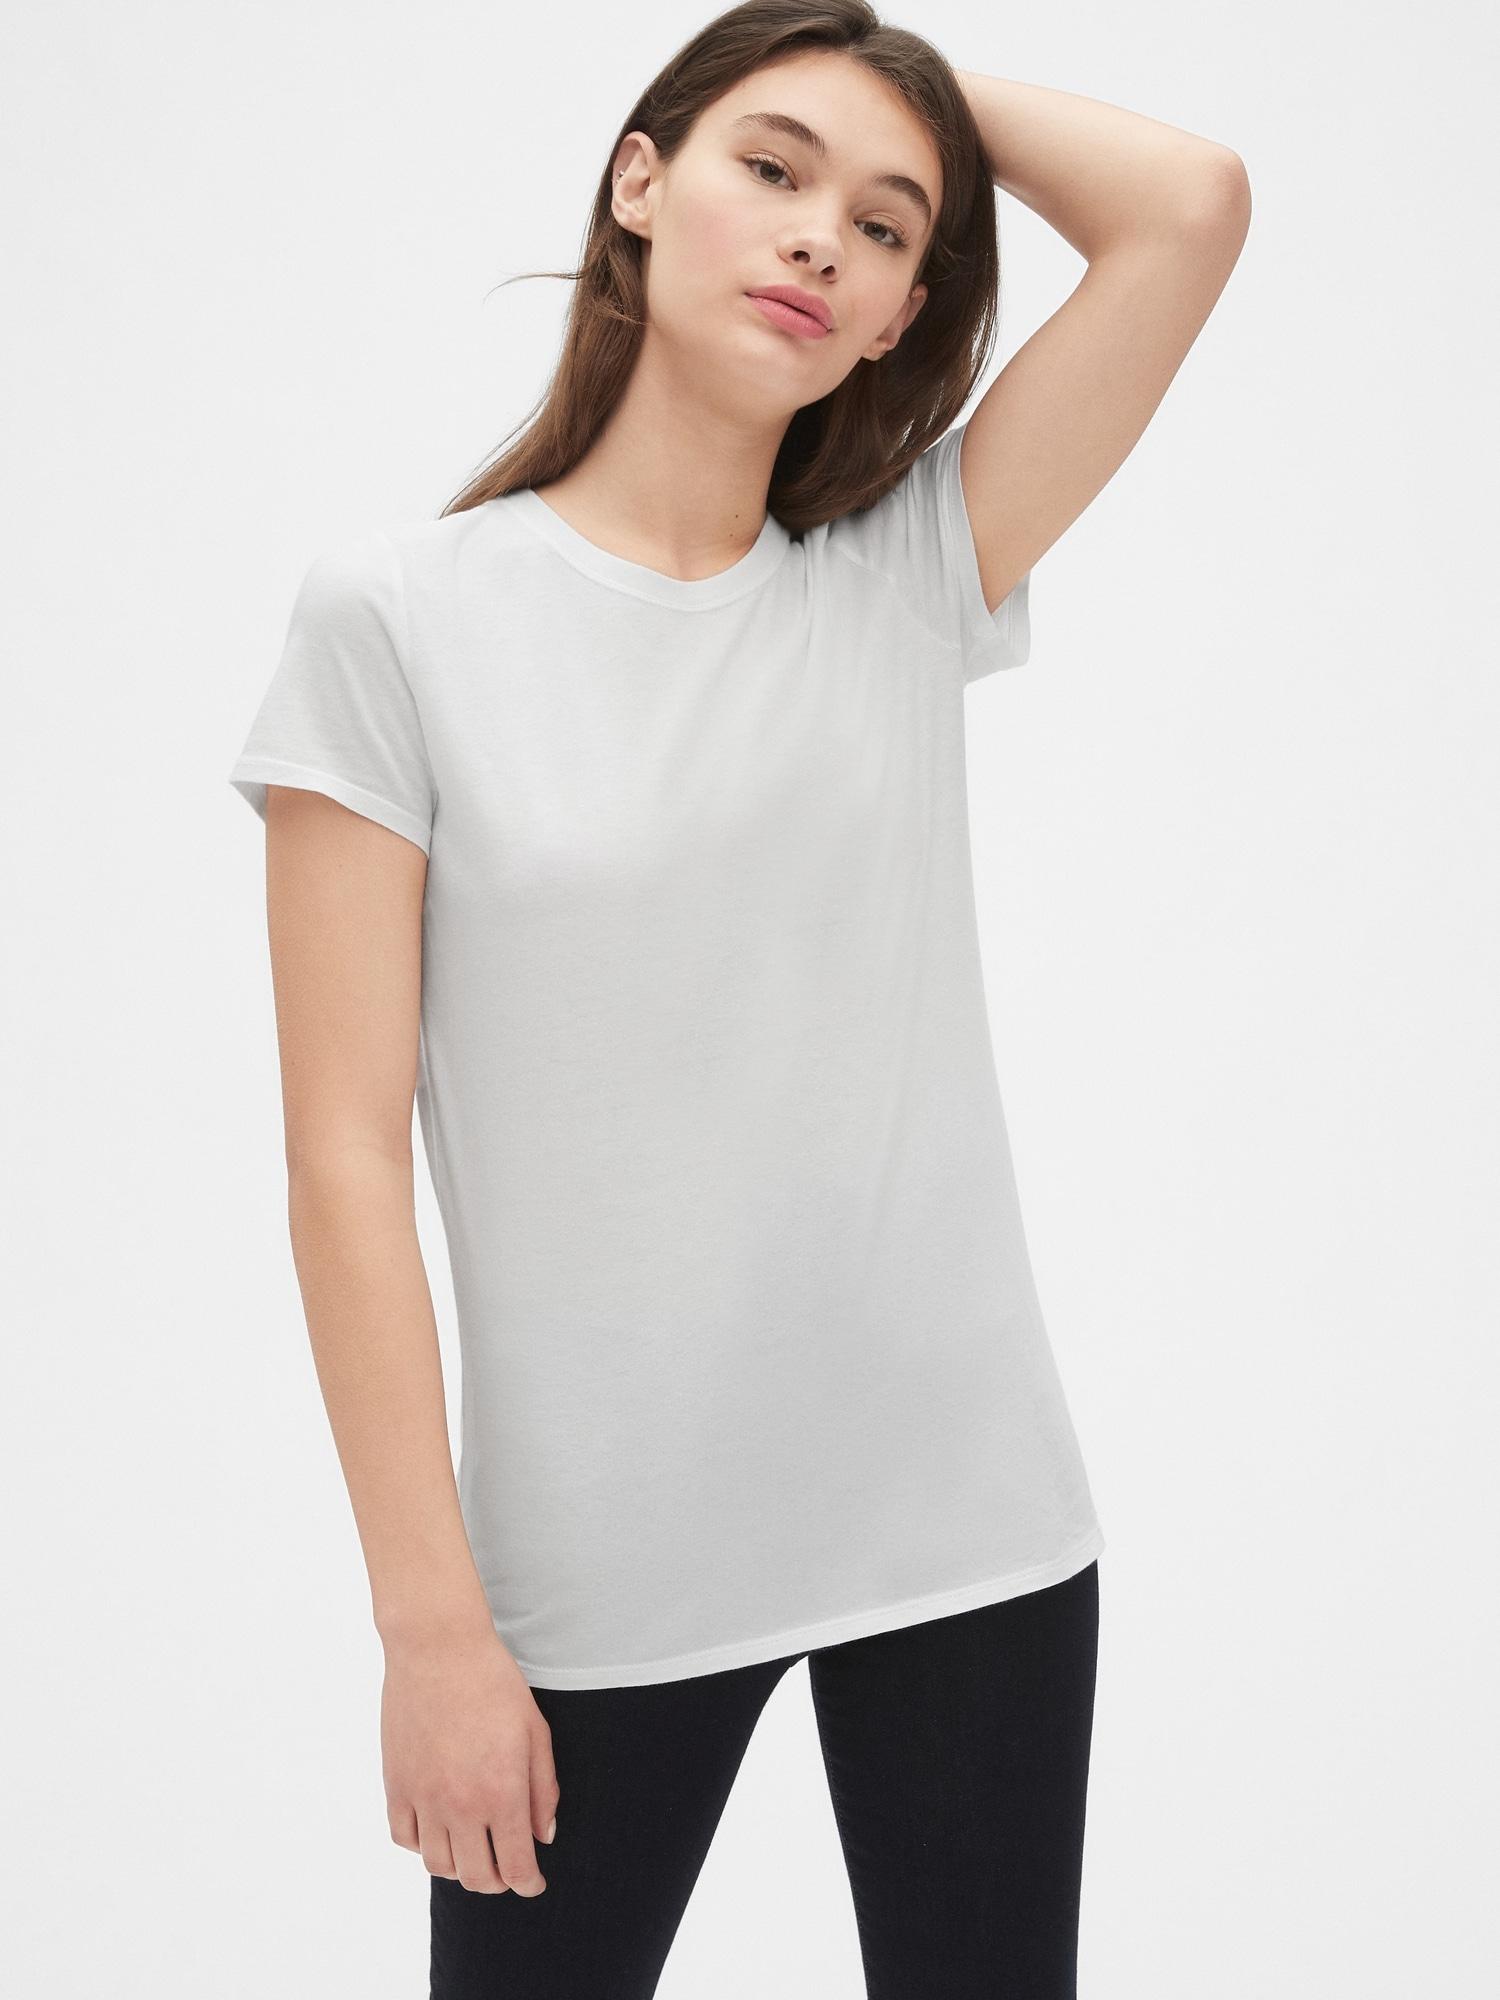 半袖クルーネックtシャツ(ヴィンテージウォッシュ)